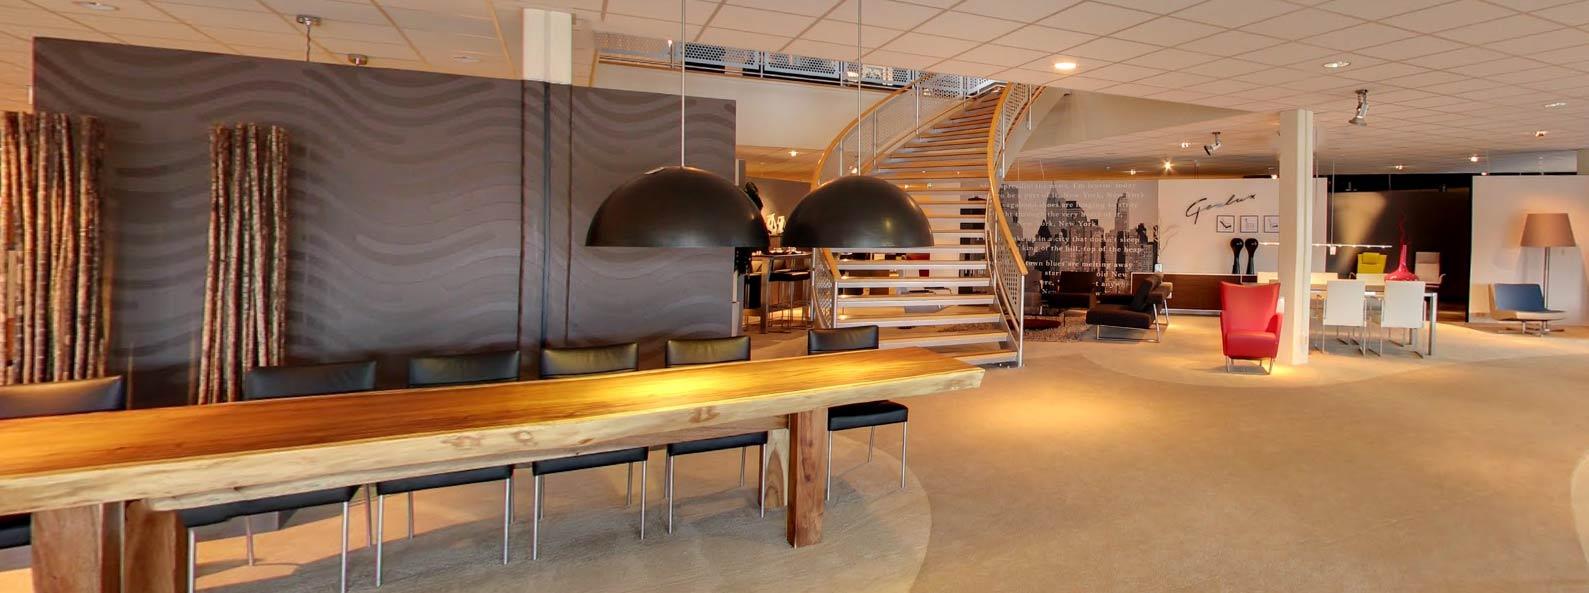 Showroom van Veldkamp Wonen Zwolle